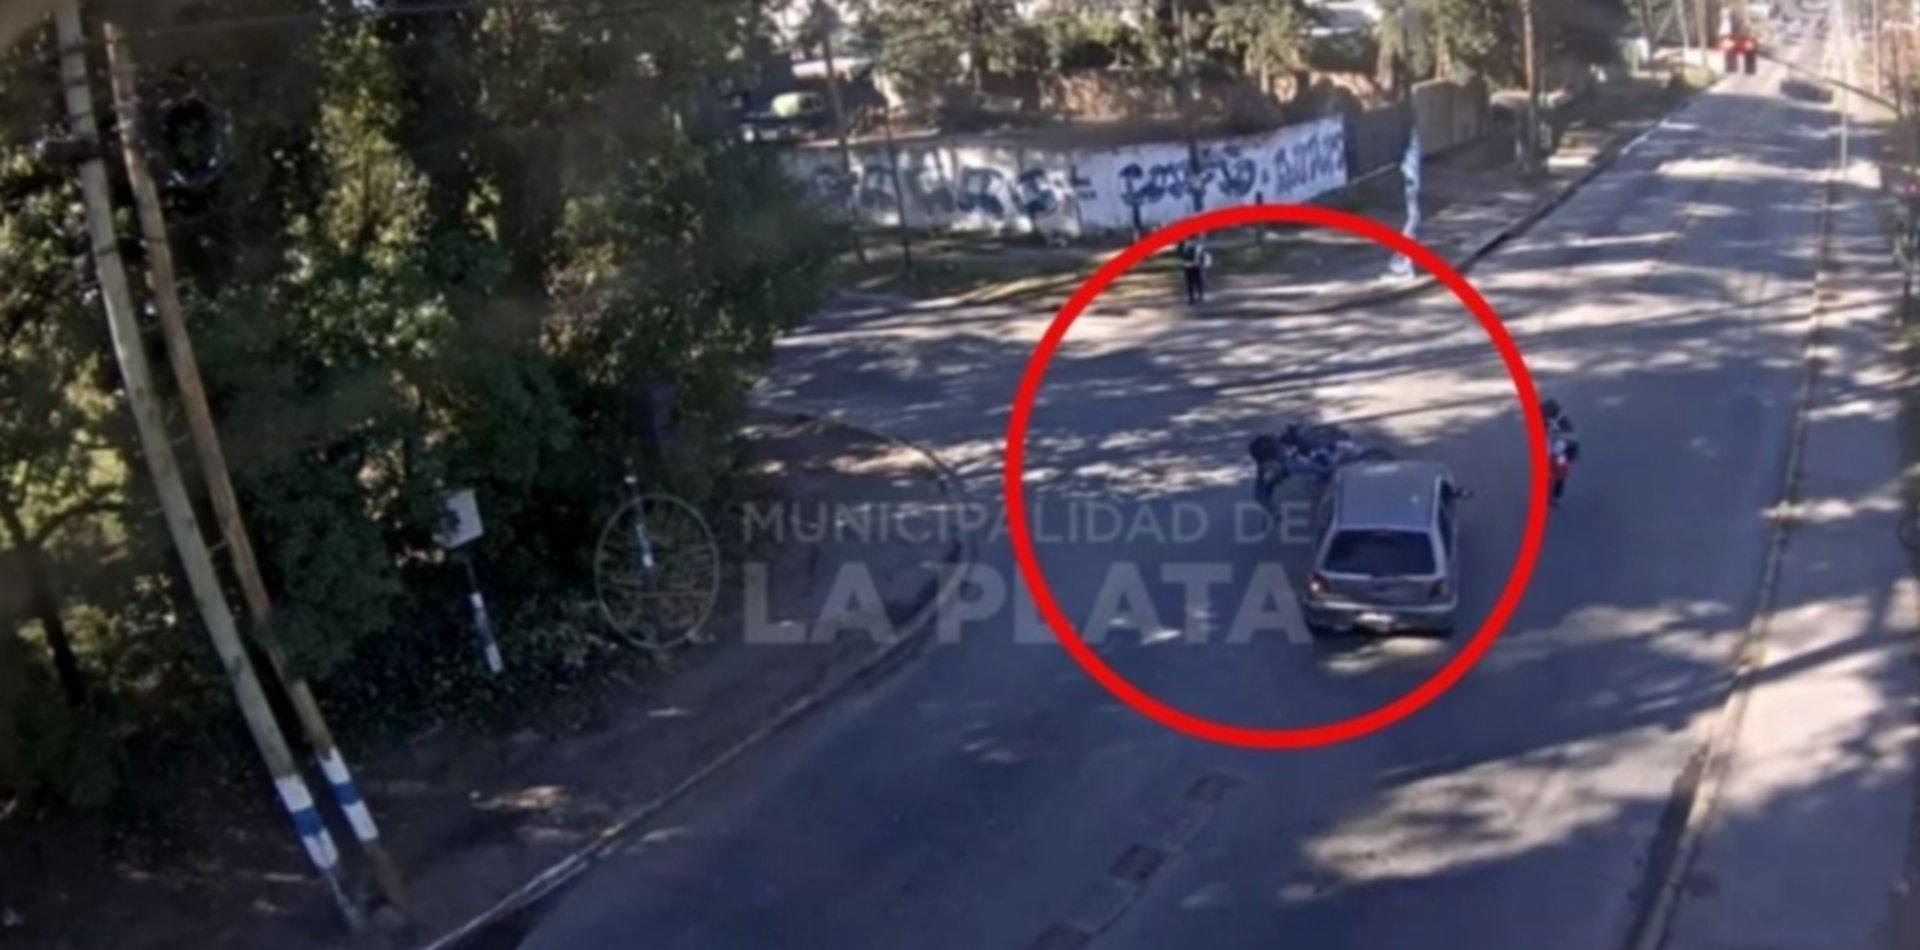 VIDEO: Chocó de frente contra un auto y terminó contra el asfalto en La Plata